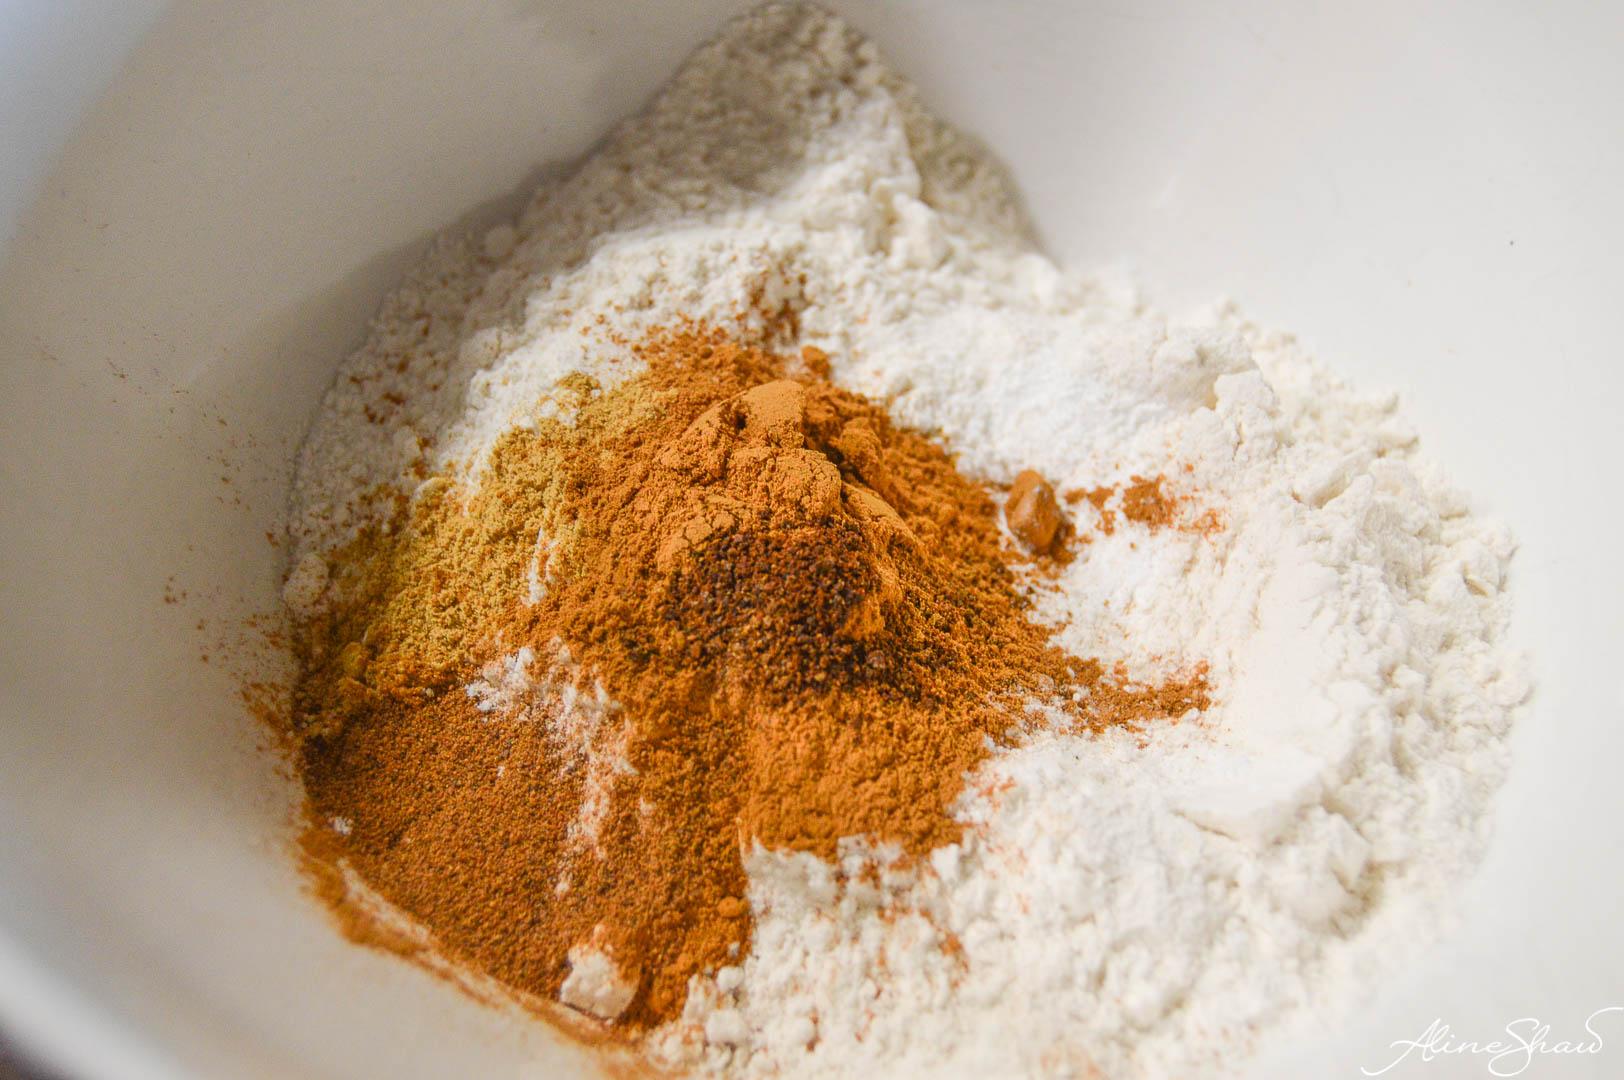 Spiced Brown Sugar Cake prep